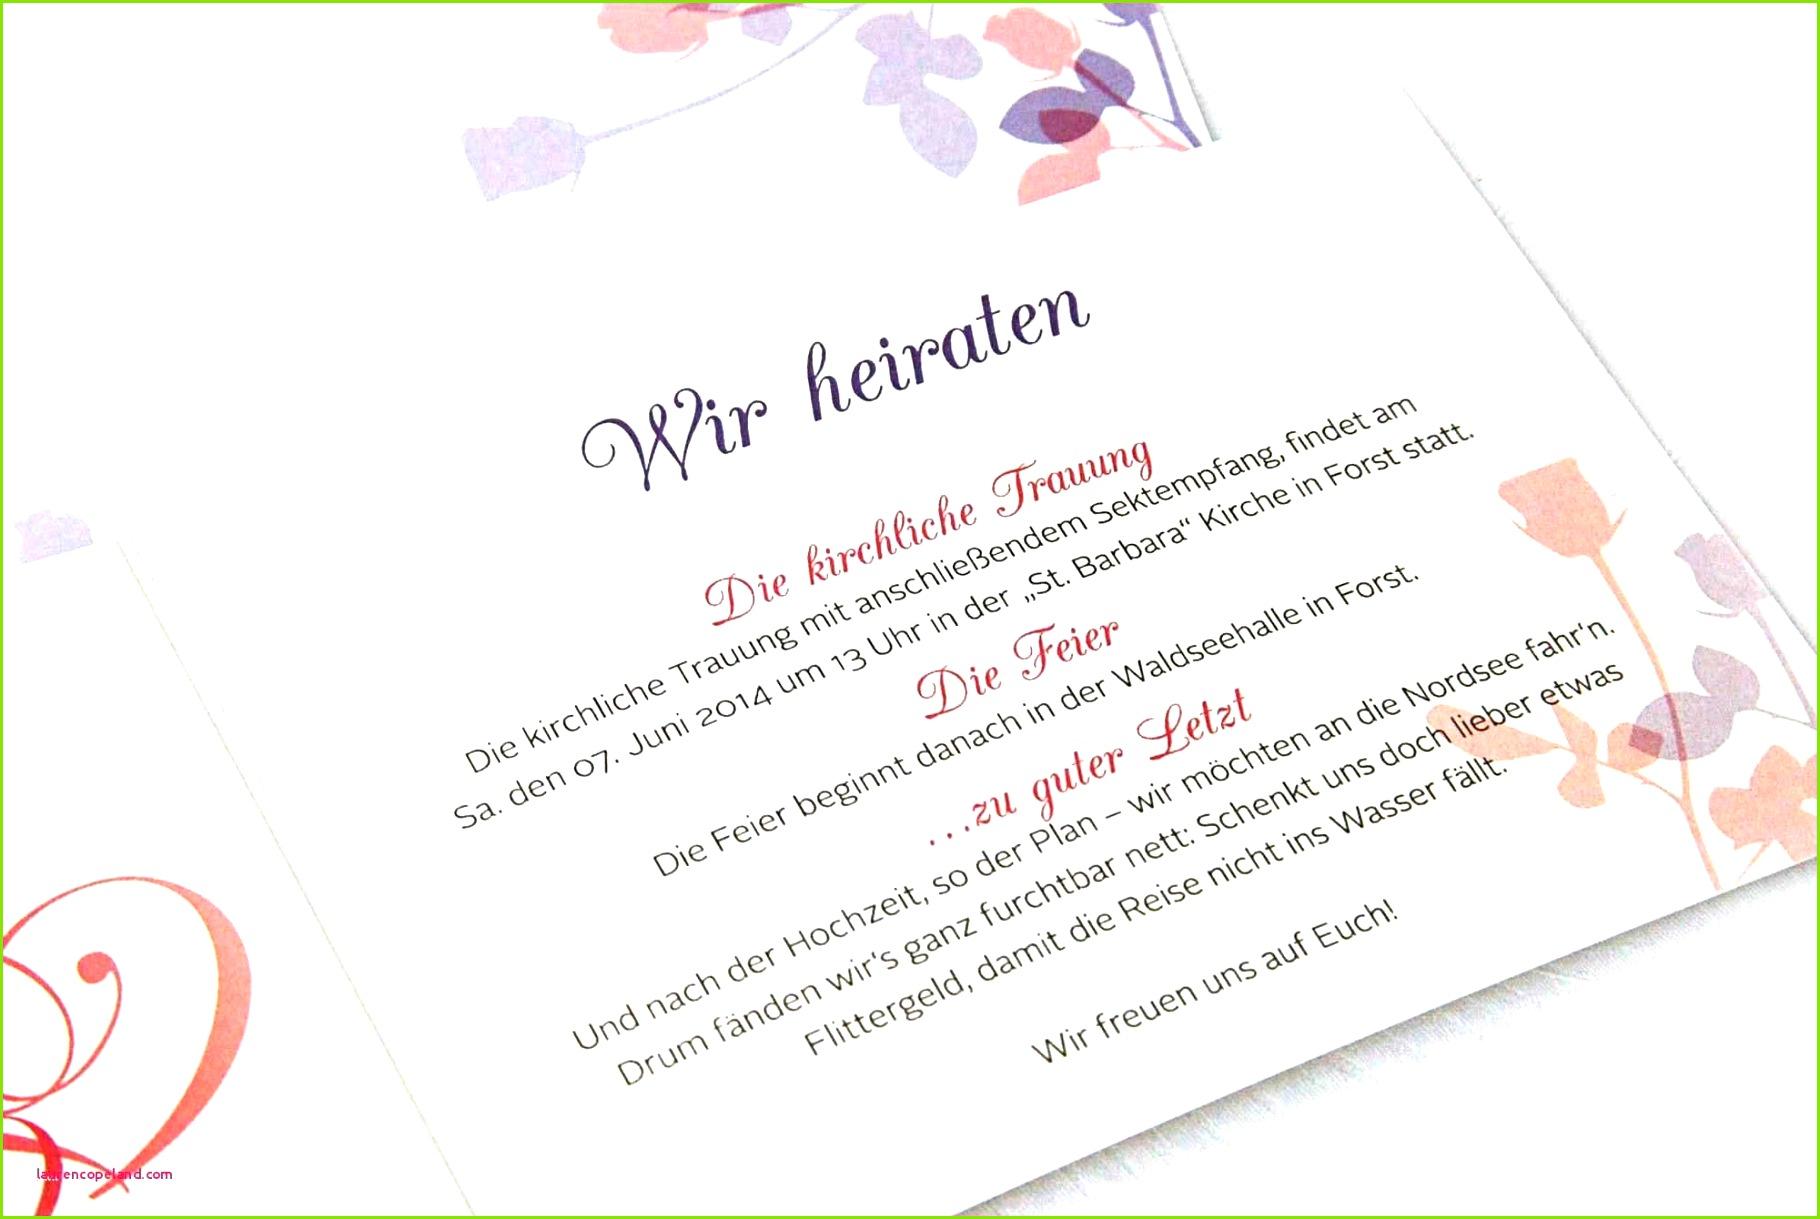 Kostenlose Lebenslauf Vorlage Download Einladungskarten Hochzeit Vorlagen Kostenlos Frisch Lustige Di Kostenlose Lebenslauf Vorlage Download